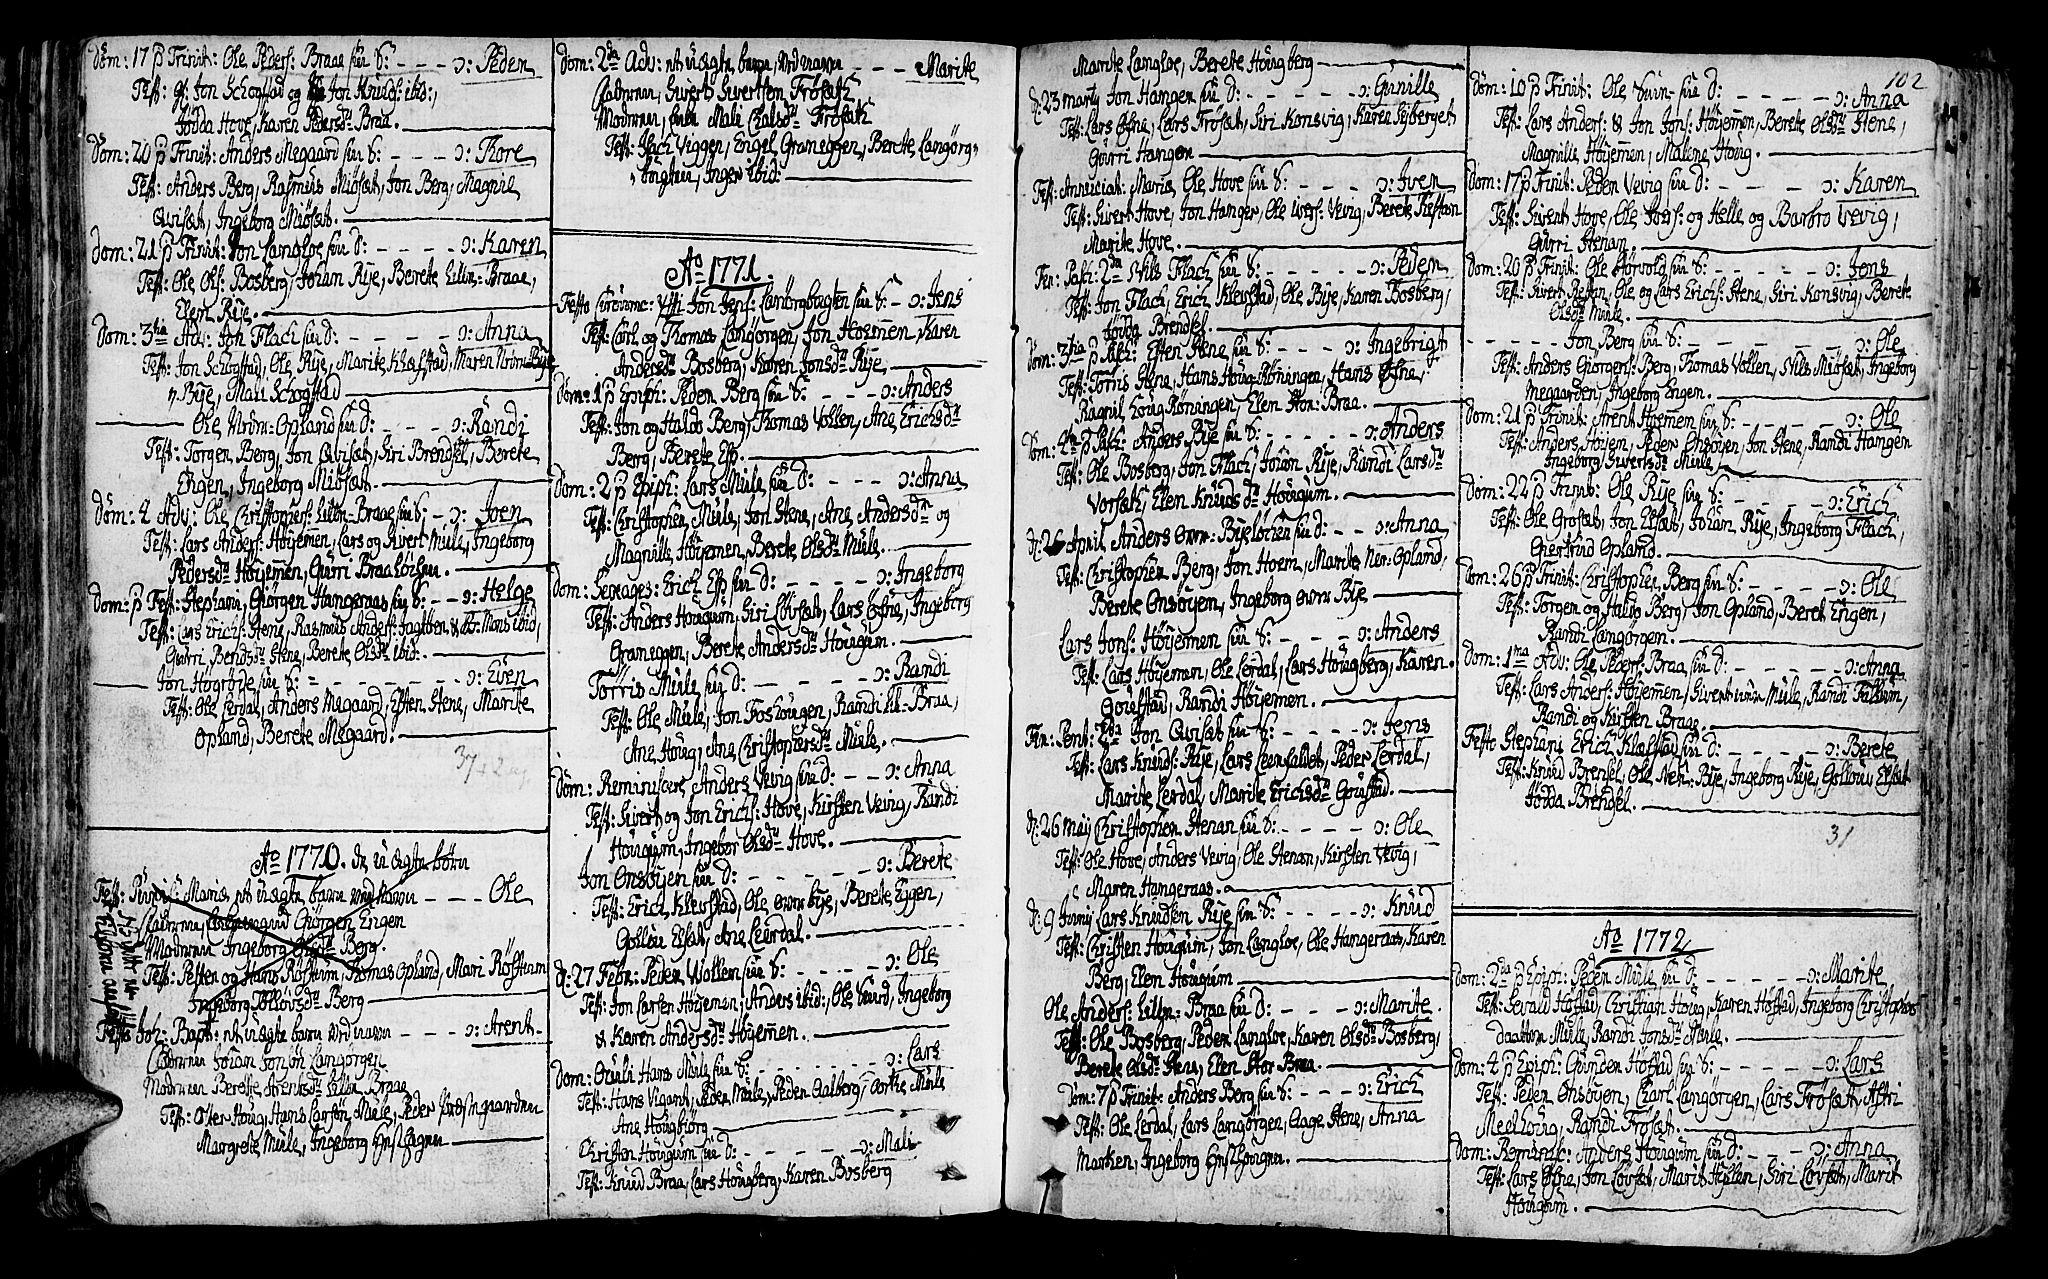 SAT, Ministerialprotokoller, klokkerbøker og fødselsregistre - Sør-Trøndelag, 612/L0370: Ministerialbok nr. 612A04, 1754-1802, s. 102